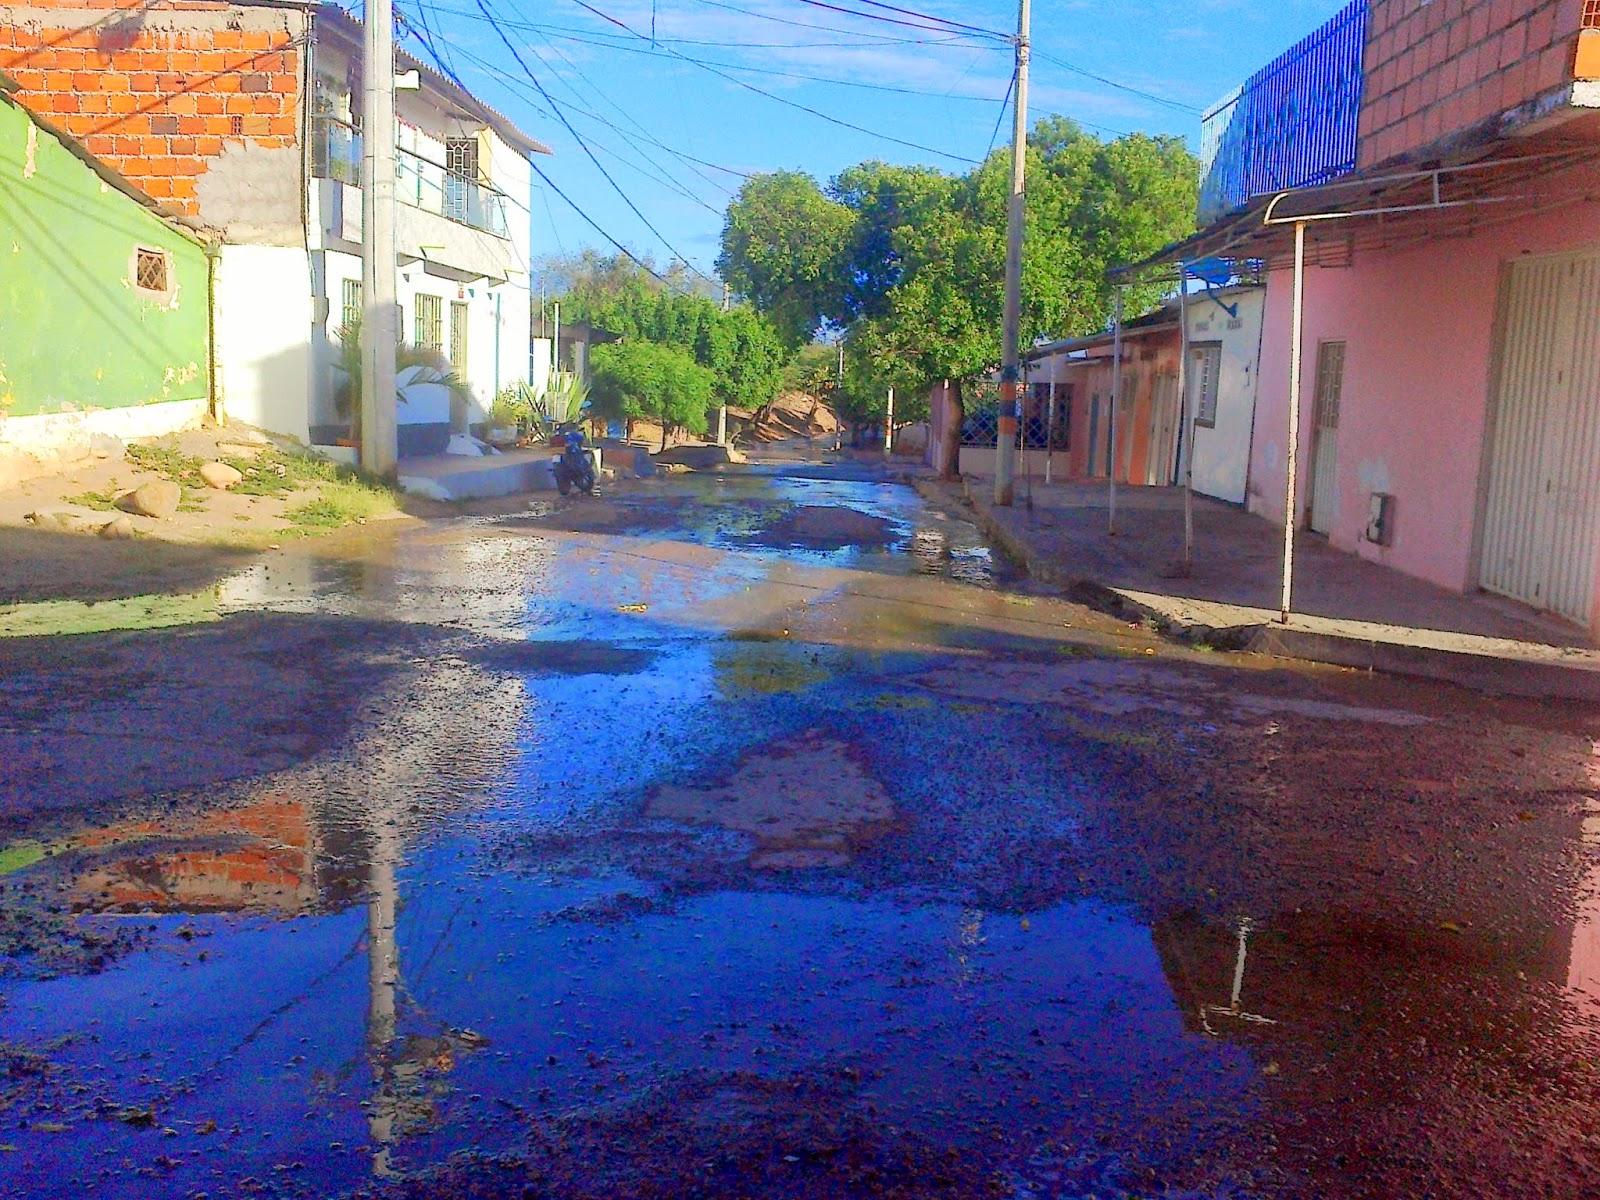 [Video] Hace 24 horas se originó el bote de agua en #EcoparqueDivinoNiño en Chapinero de Cúcuta #MovilNOTICIAS